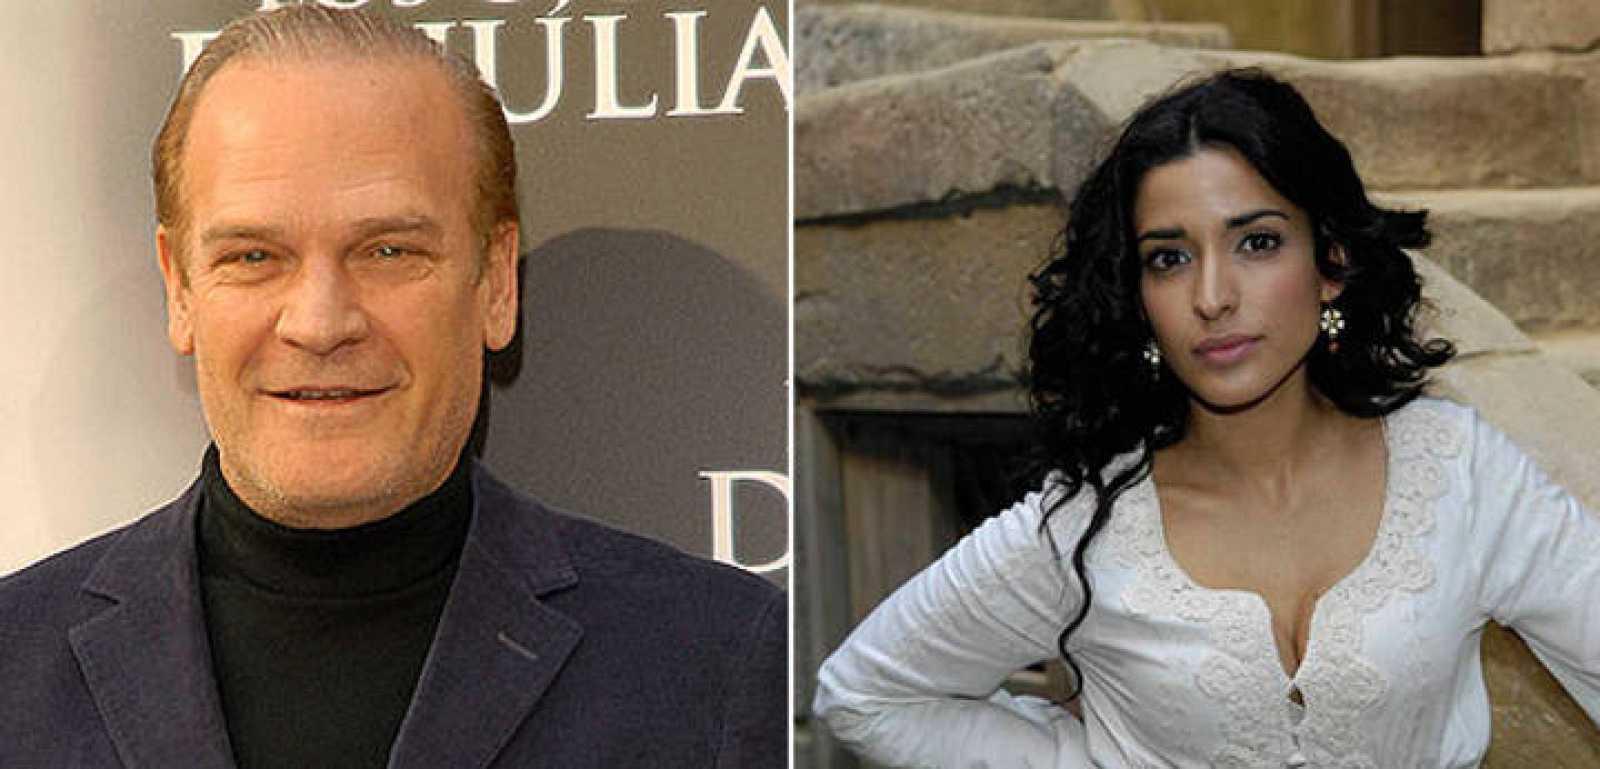 Lluís Homar (izq) e Inma Cuesta (dcha) anunciarán los finalistas a los Premios Goya 2012